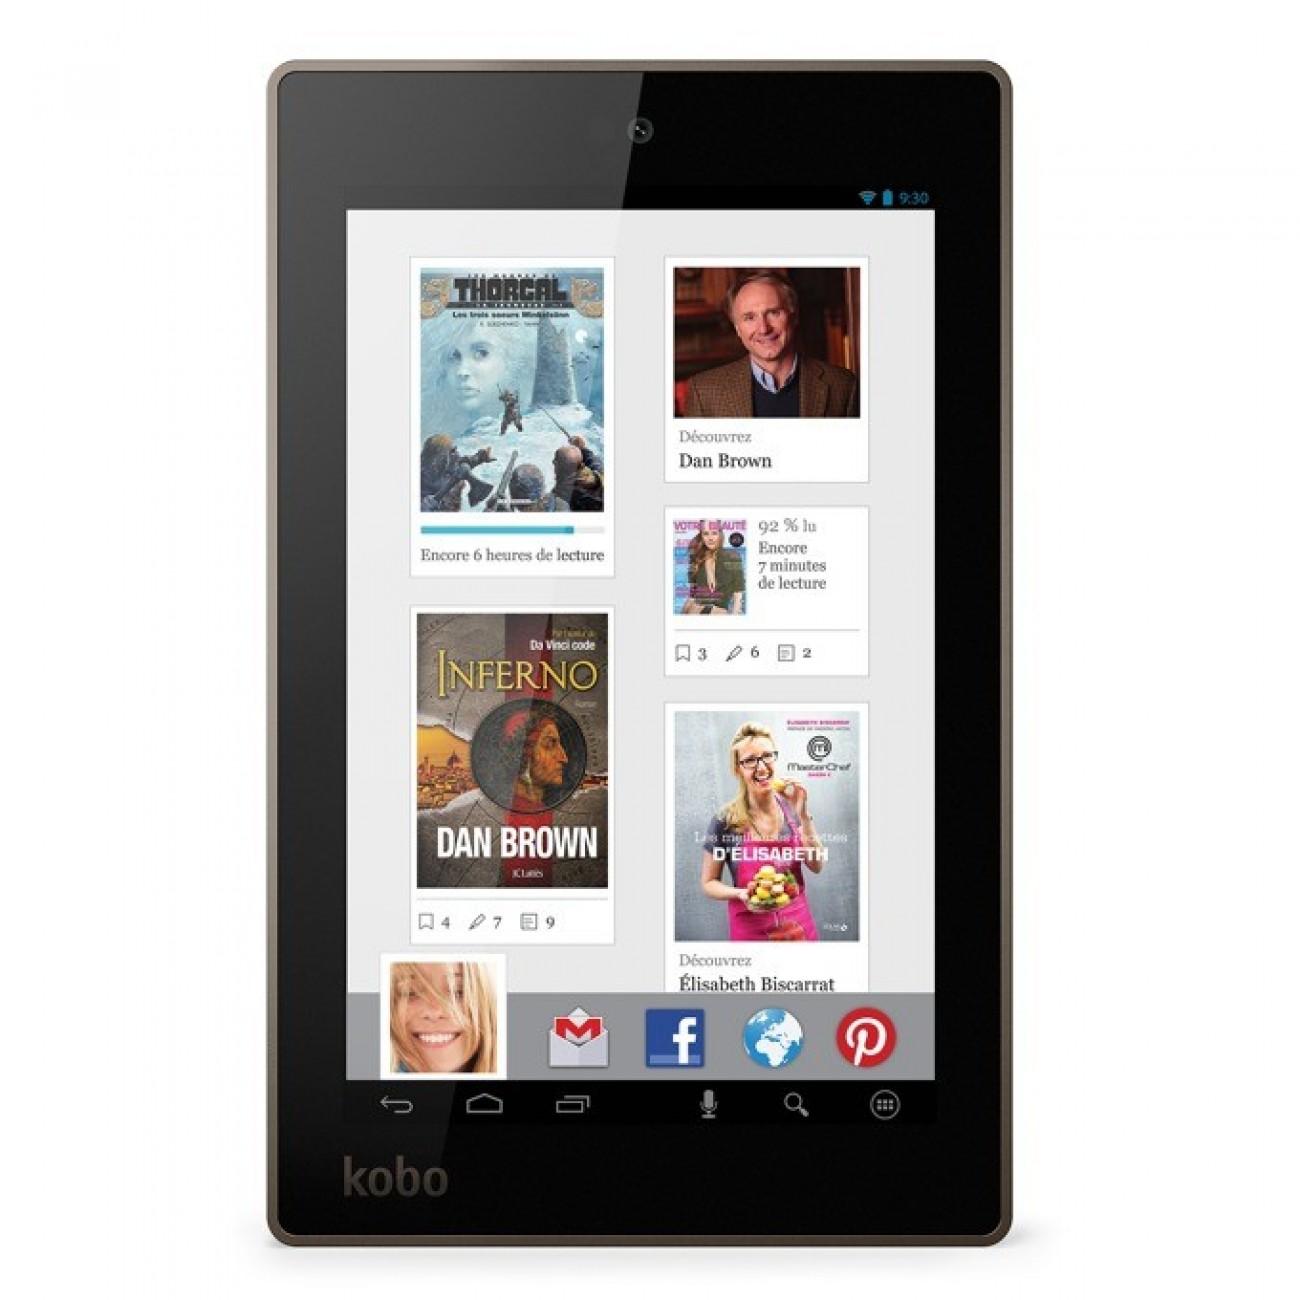 Електронна книга KOBO Arc 7HD, 7 (17.78 cm) HD+ дисплей, четириядрен Nvidia Tegra 3 1.7GHz, 1GB RAM, 16GB Flash памет, 1.3 Mpix camera, Android, 341g в Електронни книги -    Alleop